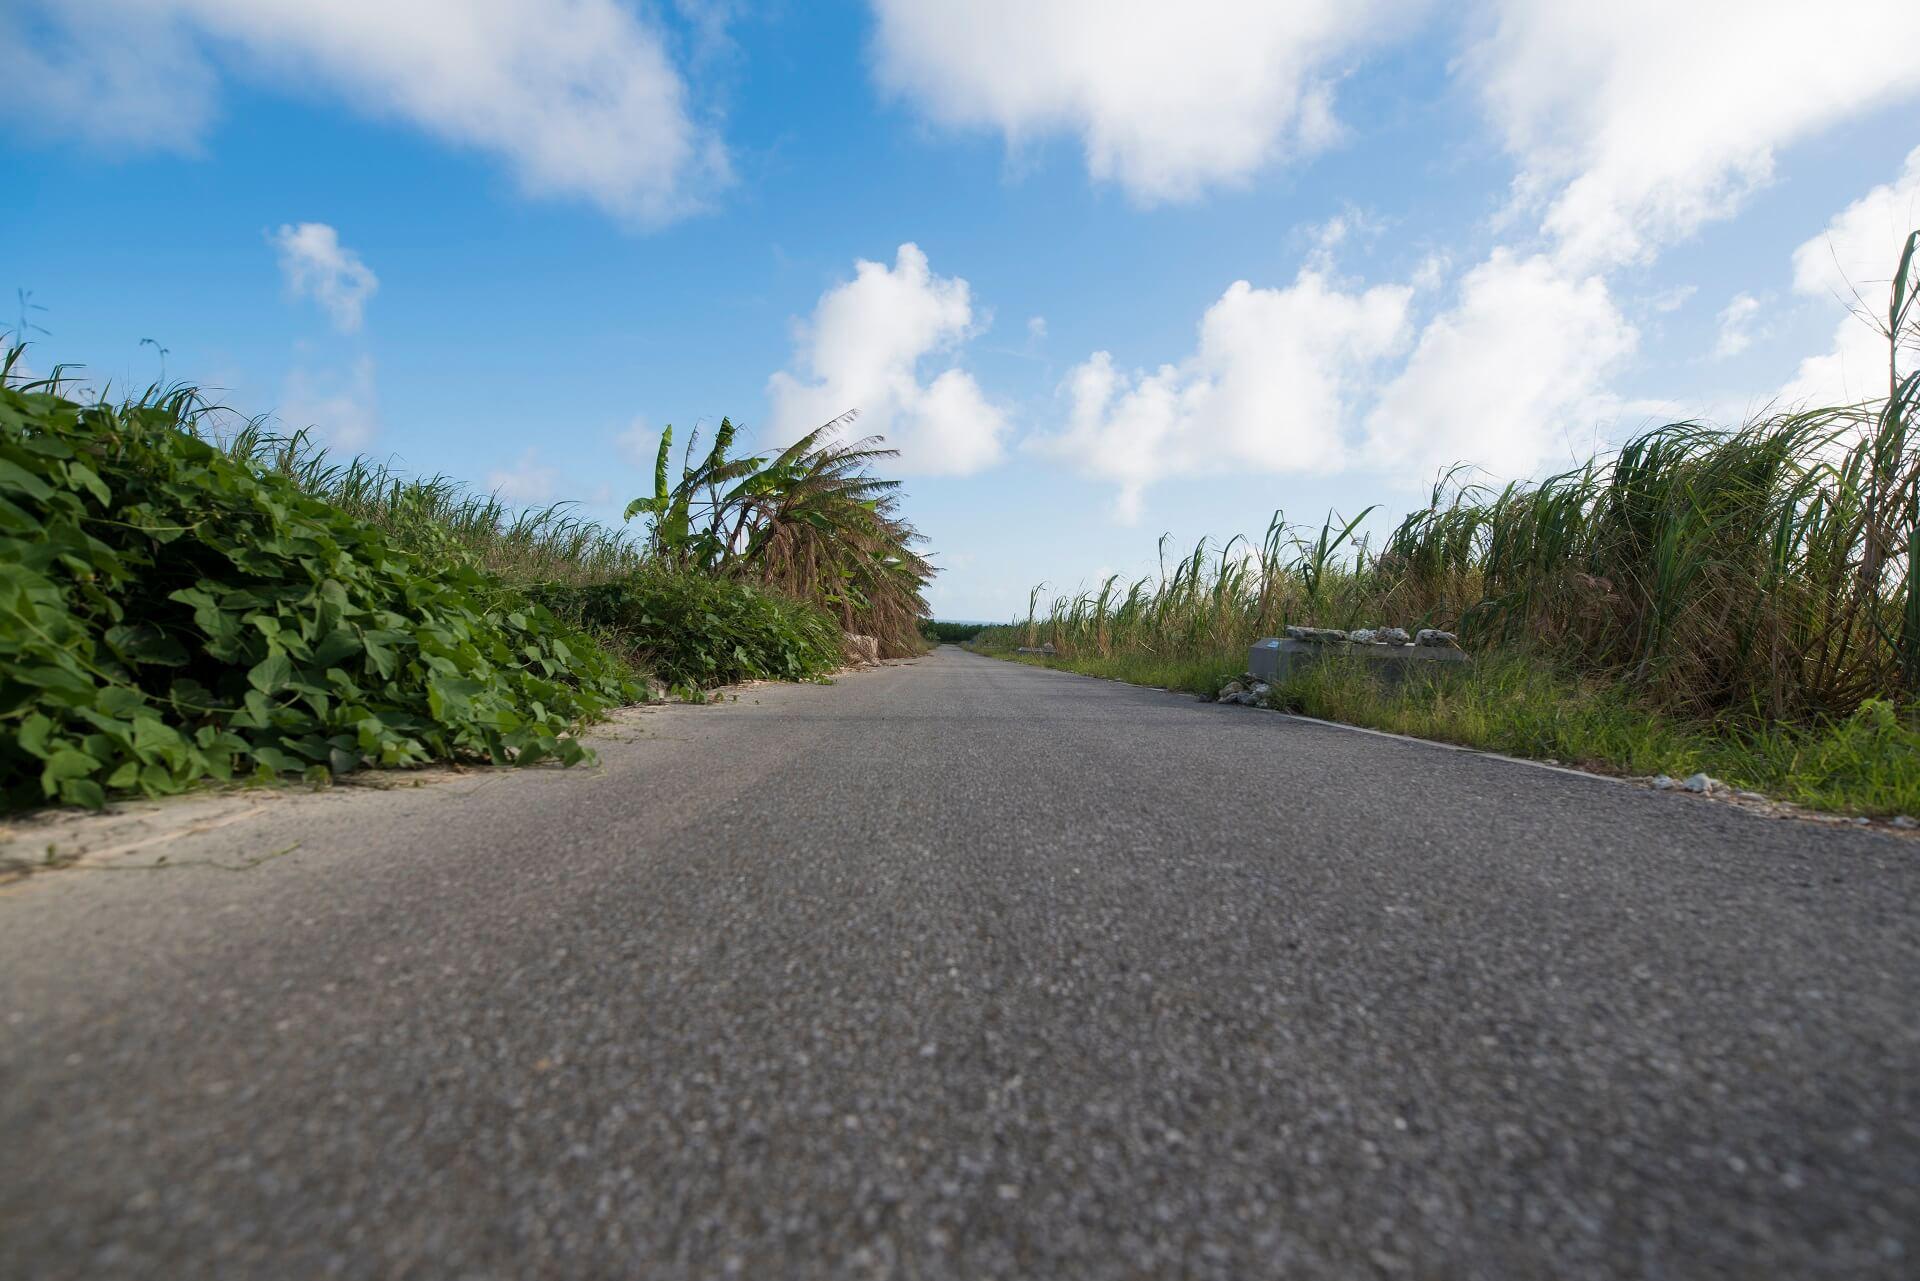 さとうきび畑と道路と青空の画像